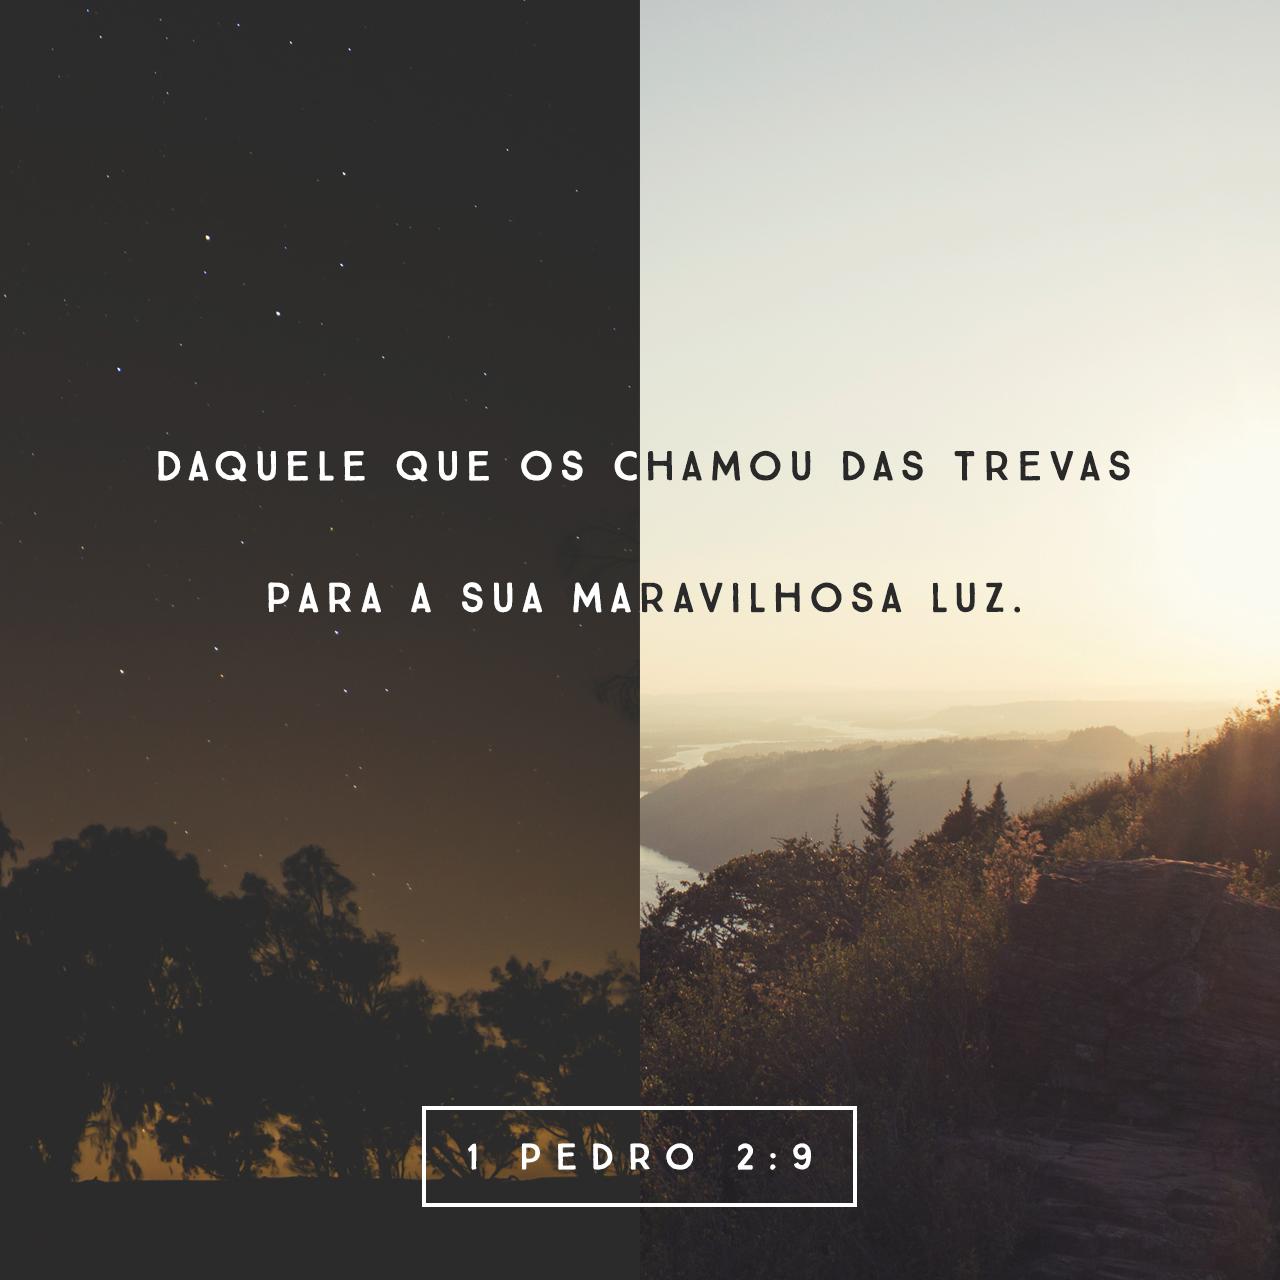 1 Peter 2:9 (JPG)